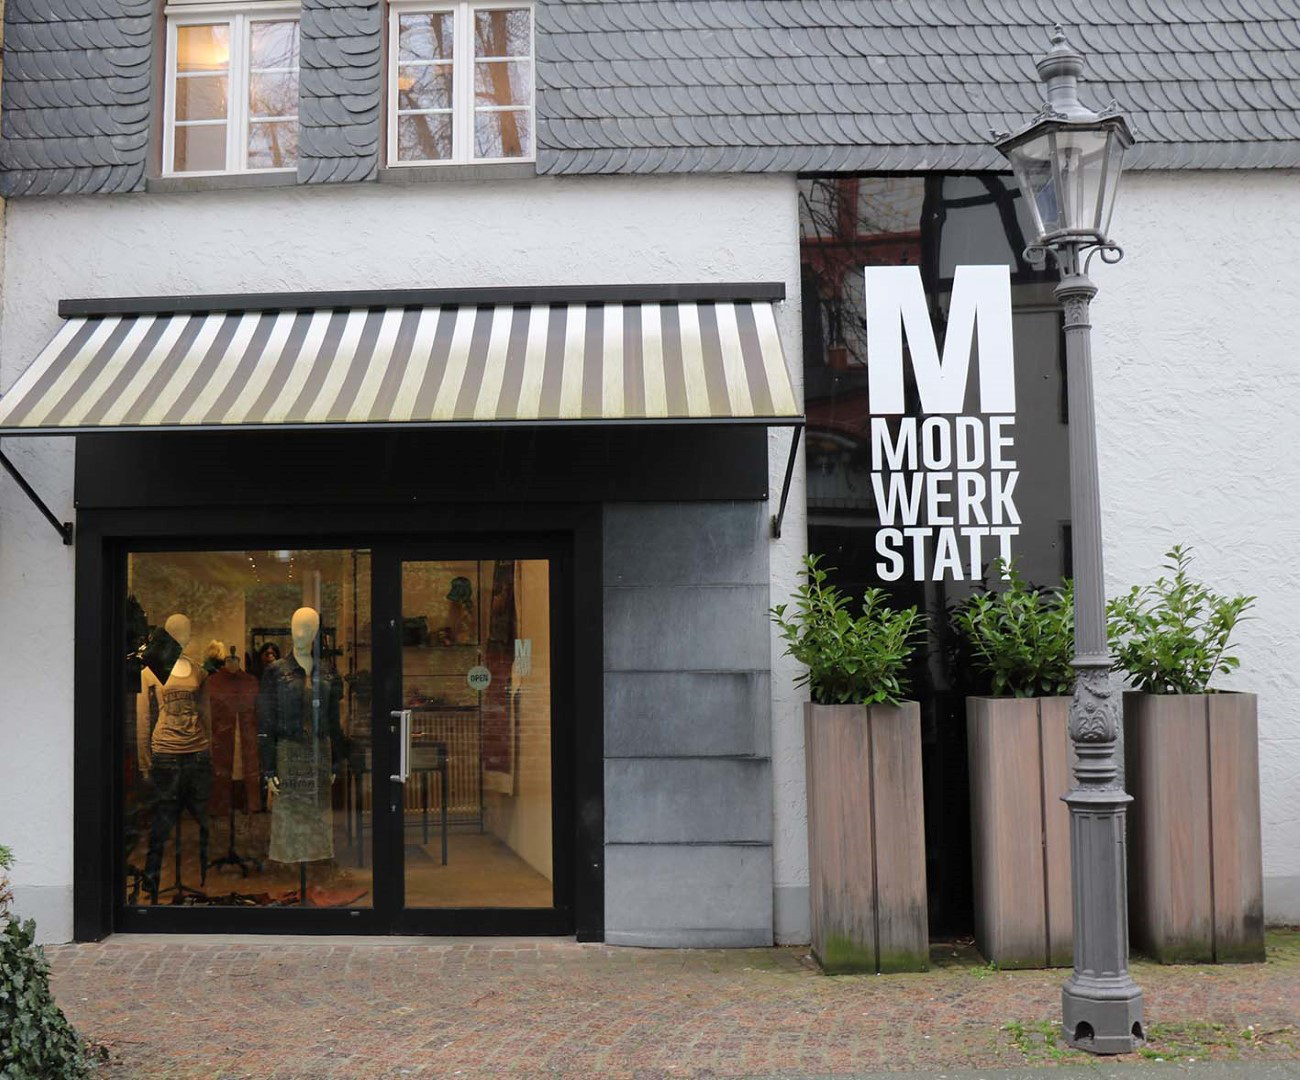 Das Bild zeigt die Modewerkstatt Birgitta Bachem von außen